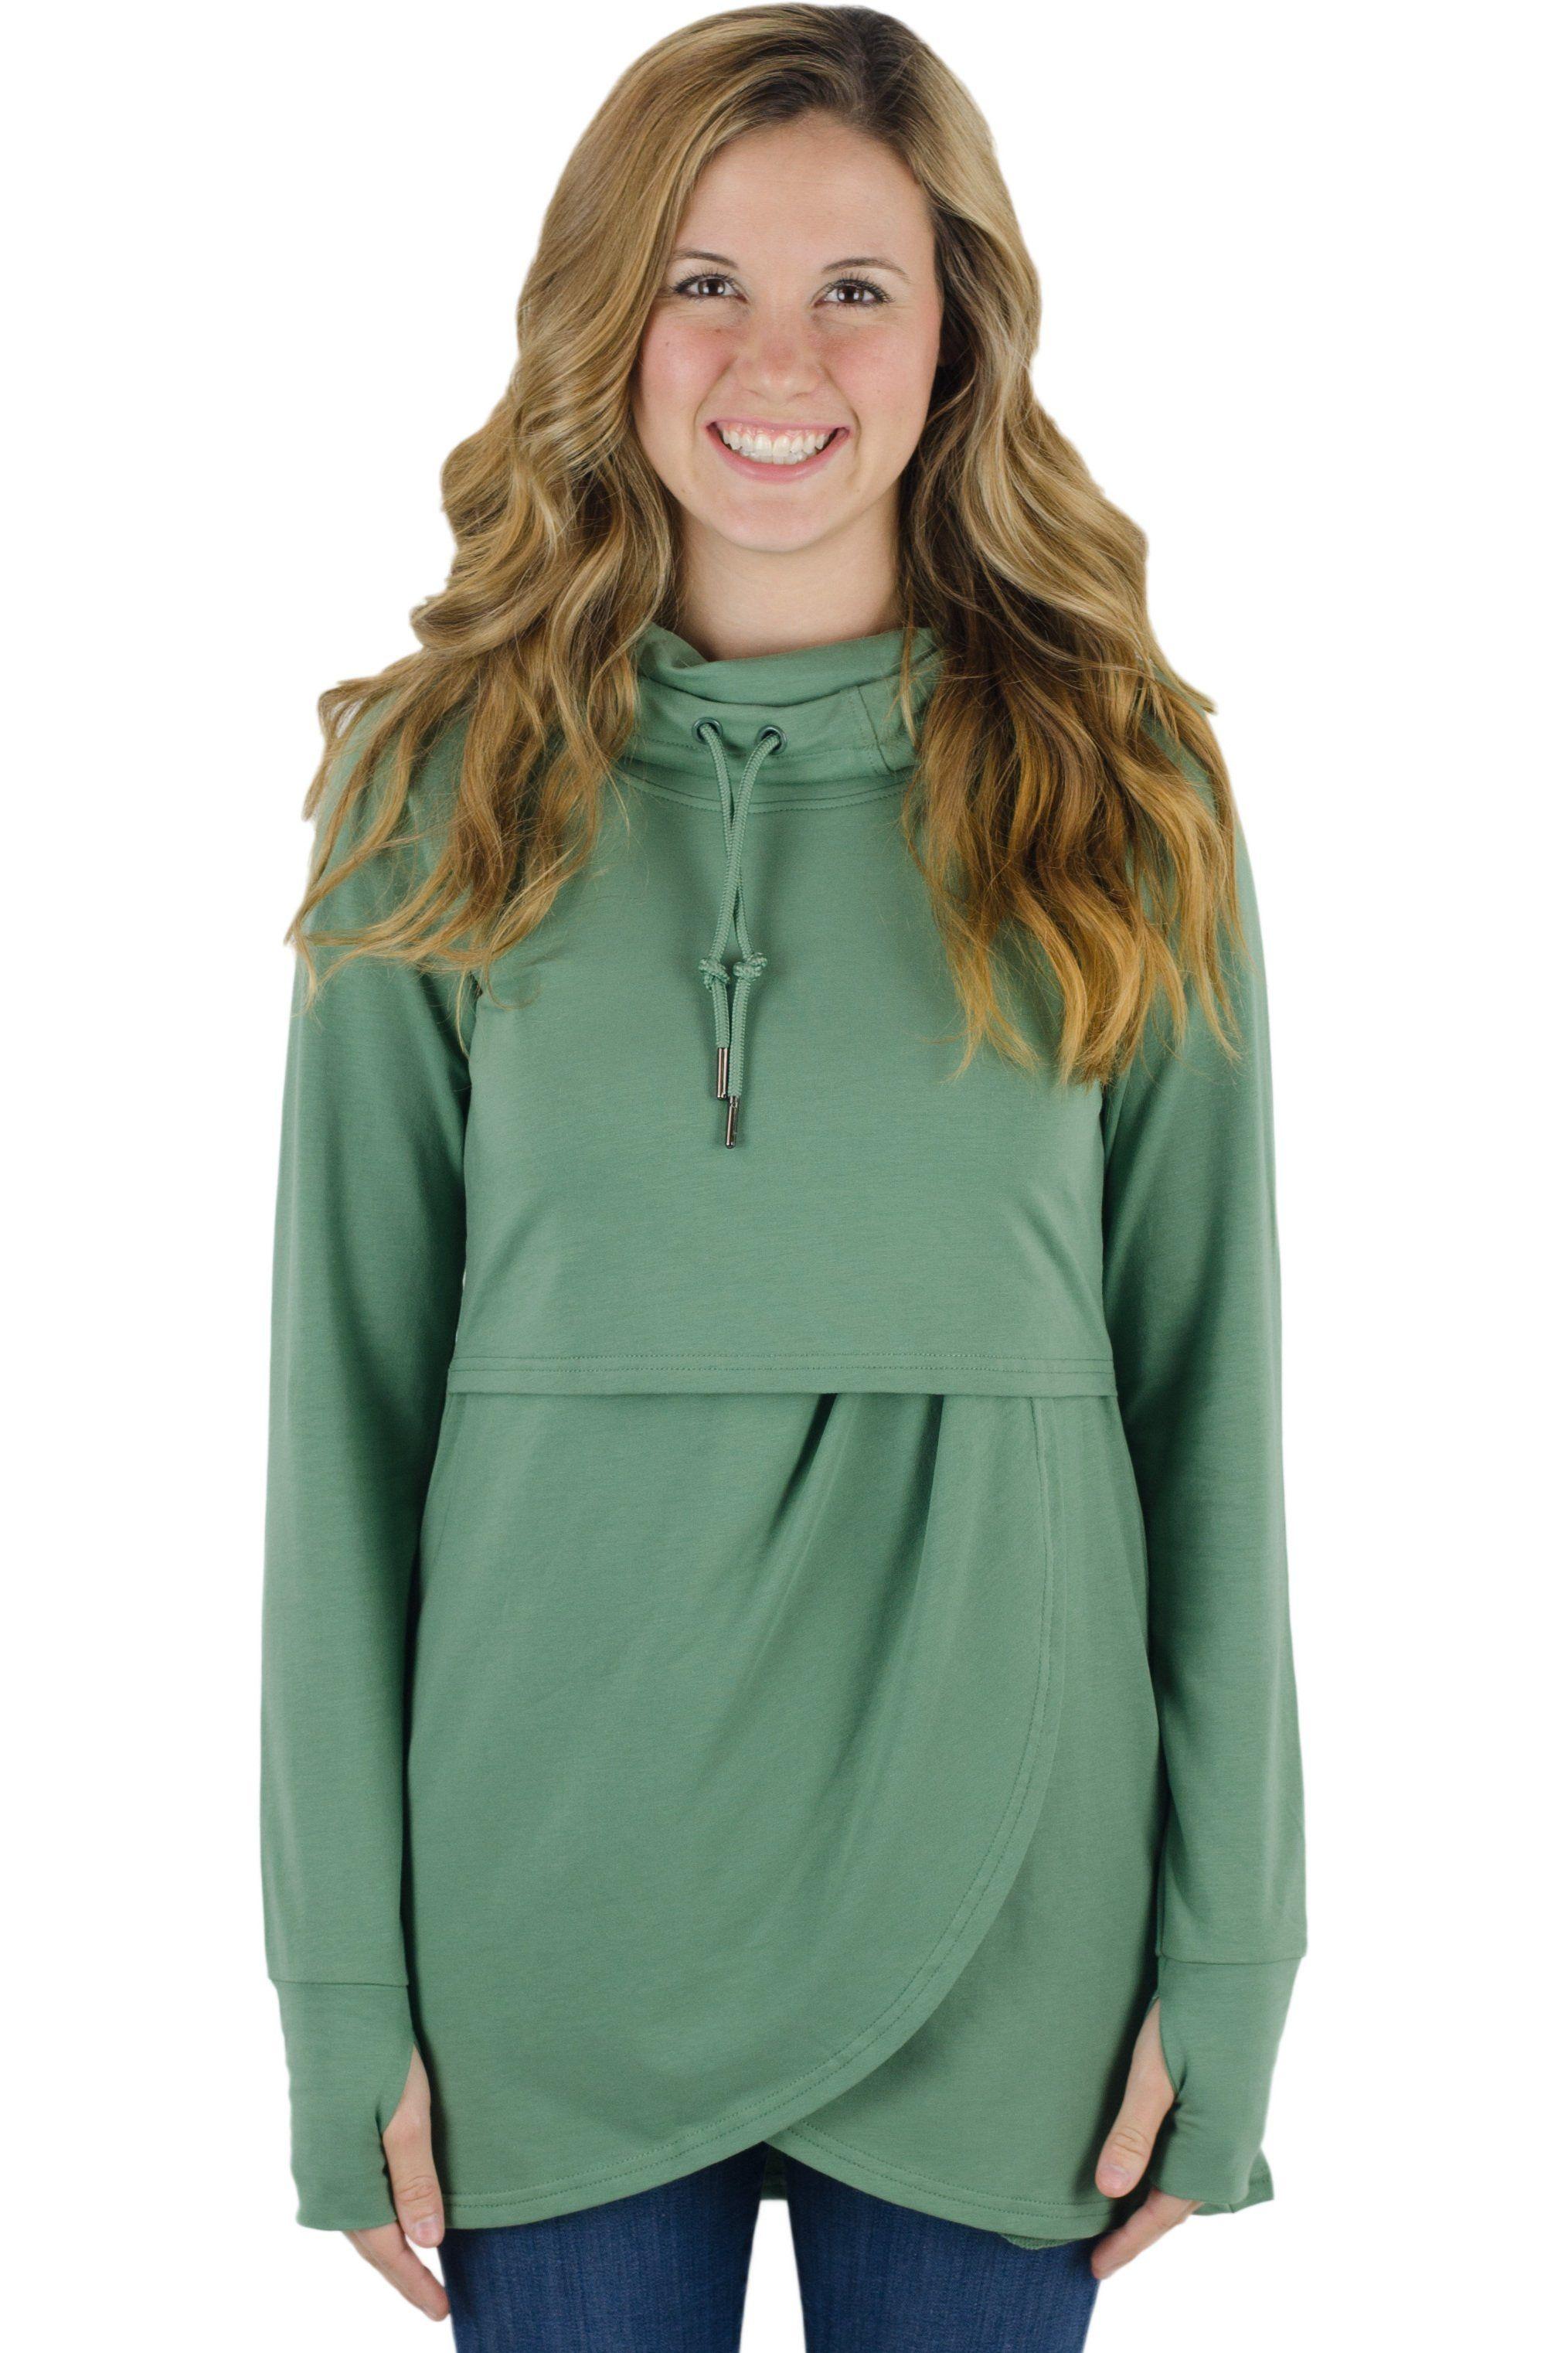 c234c501aea65 Petal Front Nursing Hoodie   Products   Maternity hoodie, Nursing ...